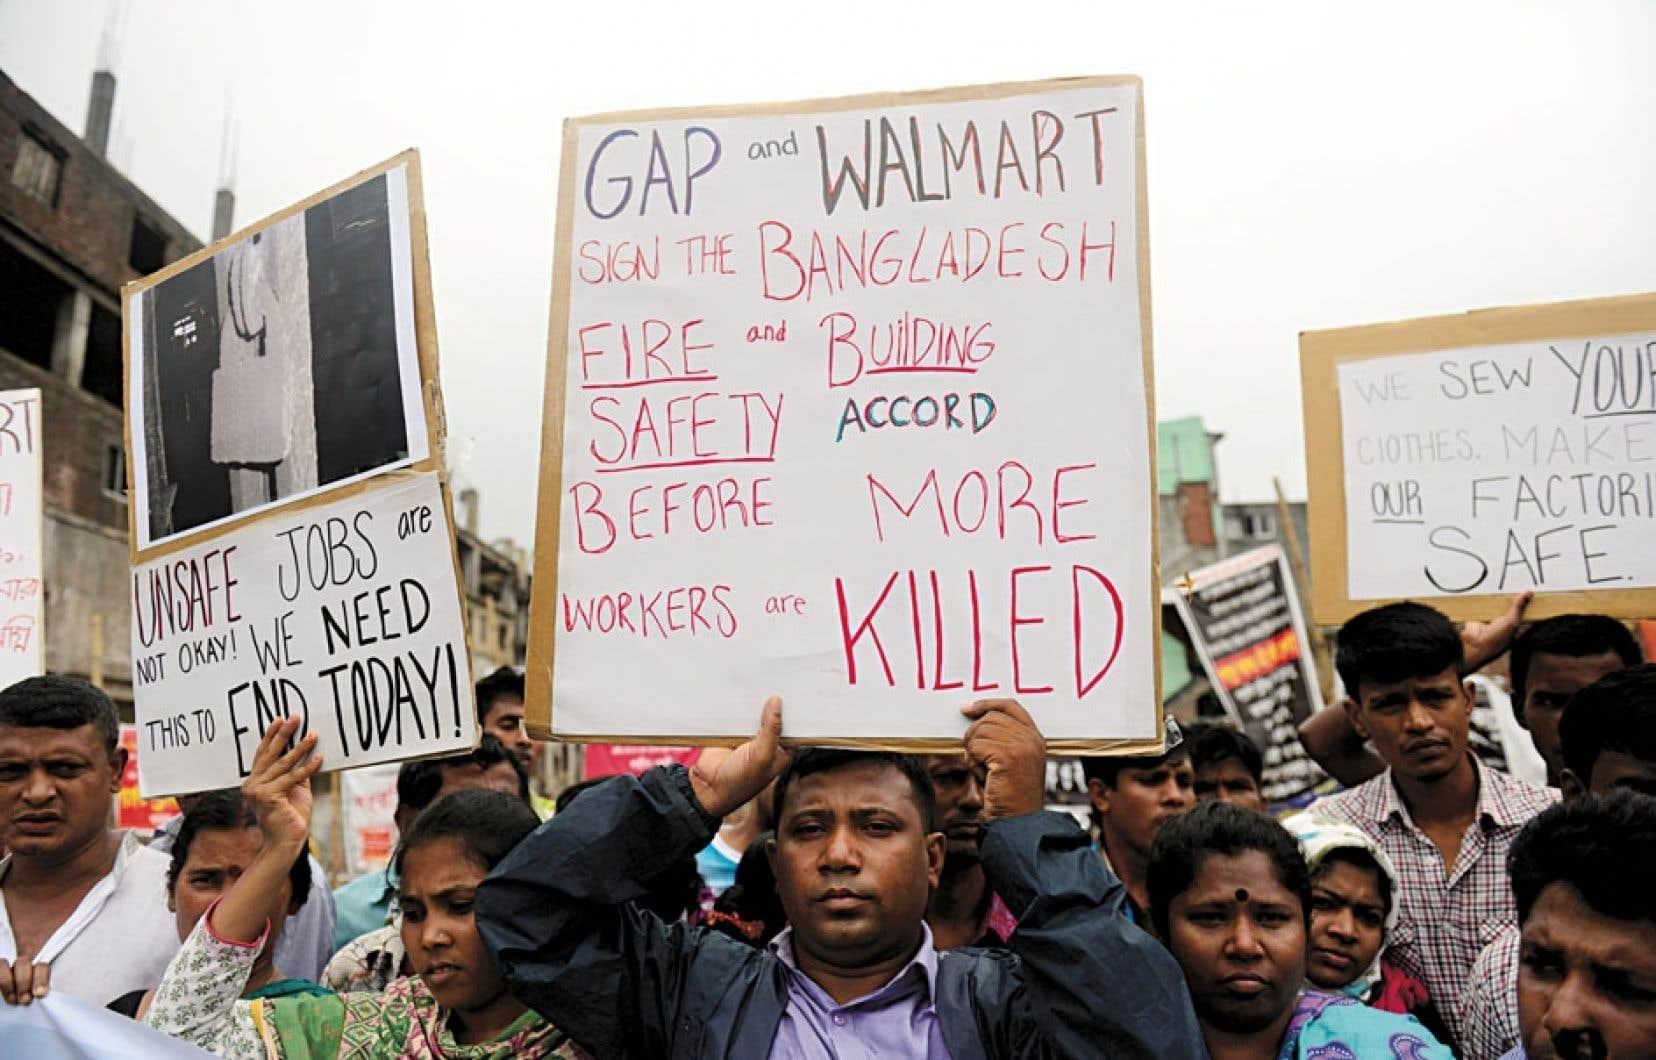 Les Bangladais avaient manifesté vigoureusement leur désir de voir les entreprises américaines signer un accord de responsabilité pour la sécurité des travailleurs.